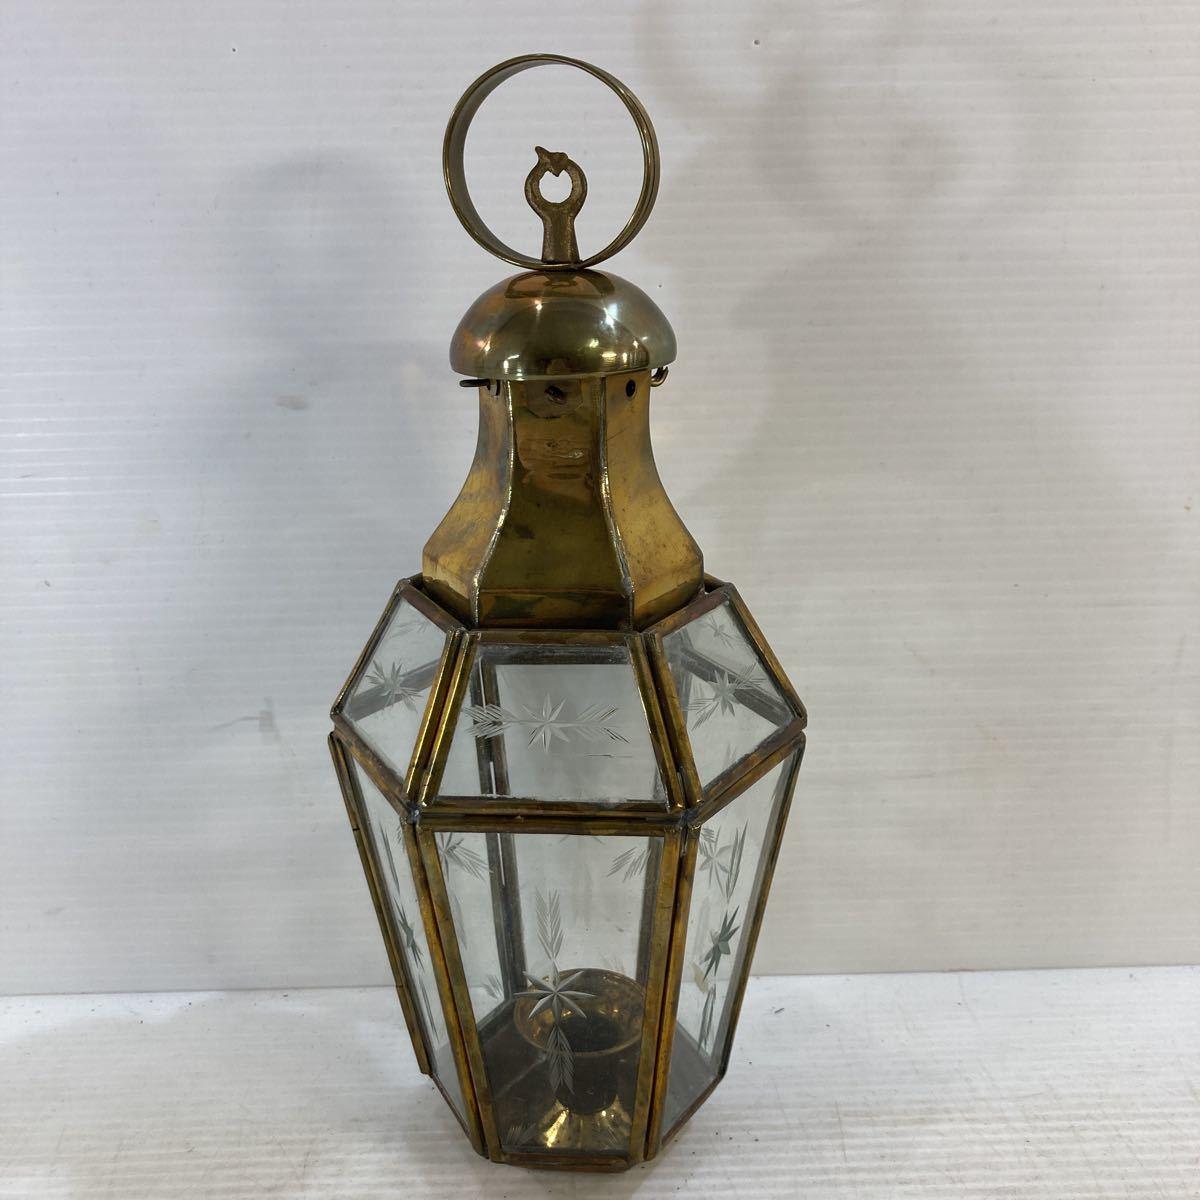 真鍮製 キャンドルスタンド ランプ ローソク立て 照明 アンティーク レトロ インテリア オブジェ 状態込み 現状品